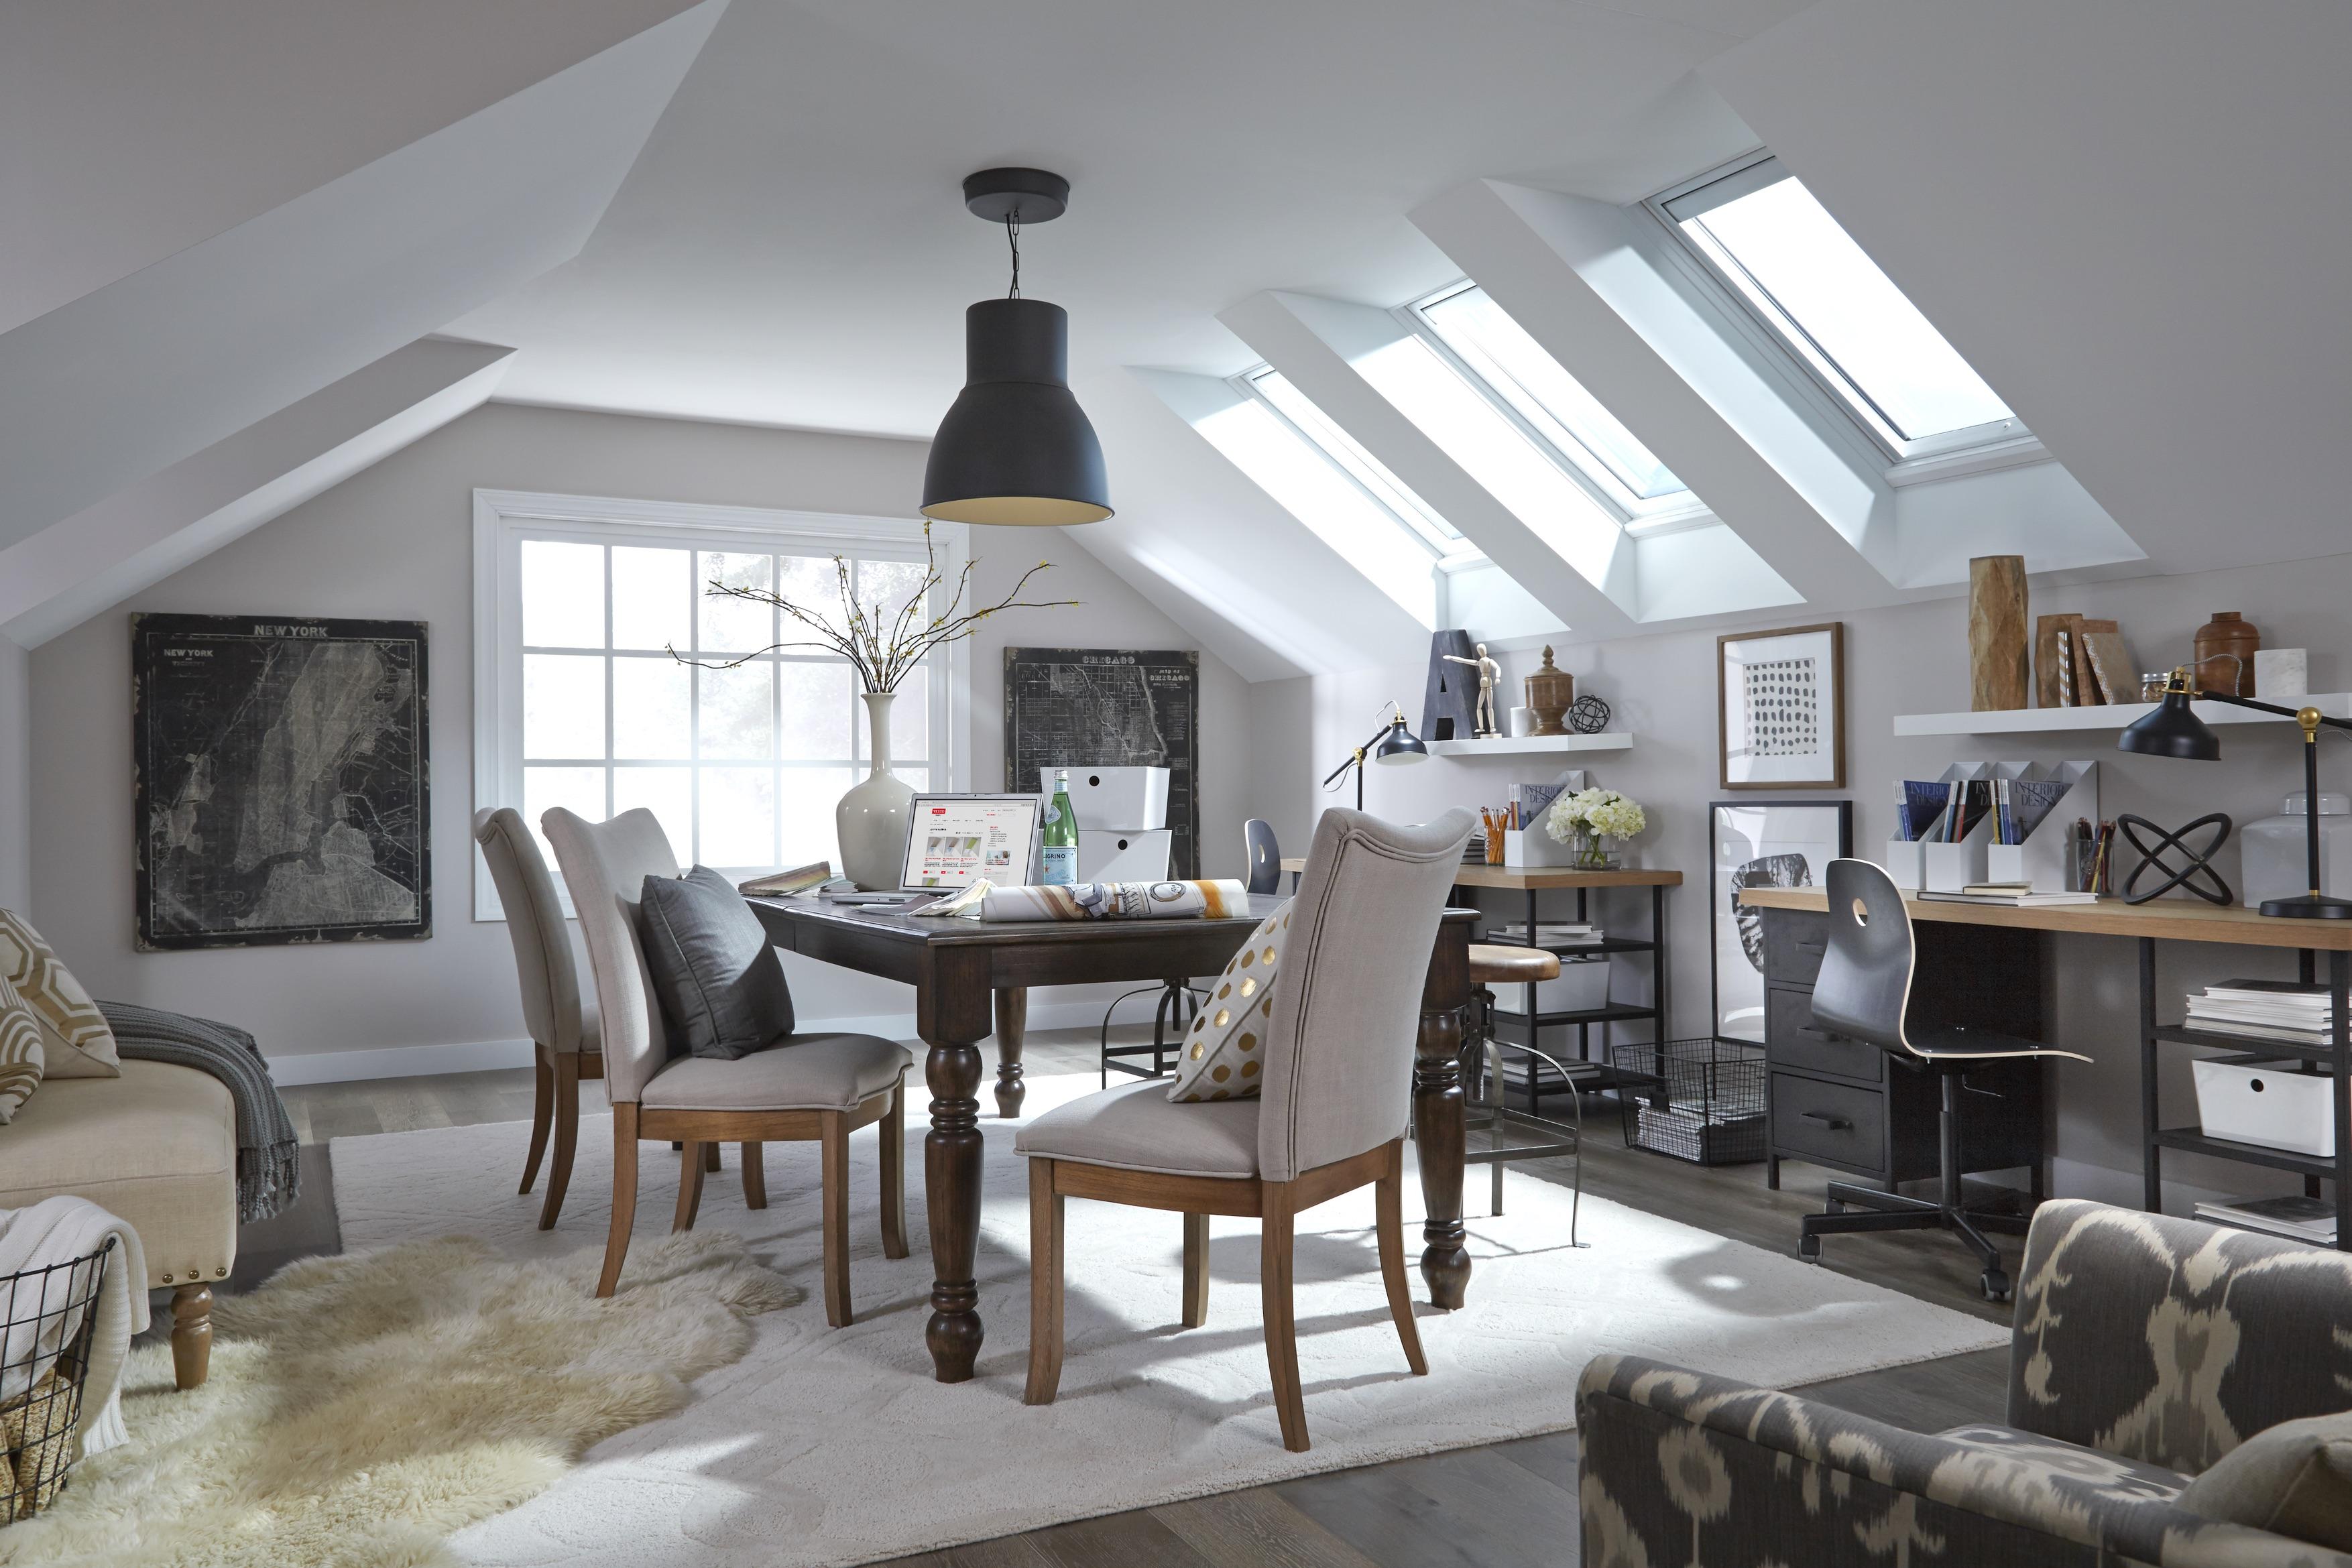 Illuminazione naturale in casa consigli per migliorarla